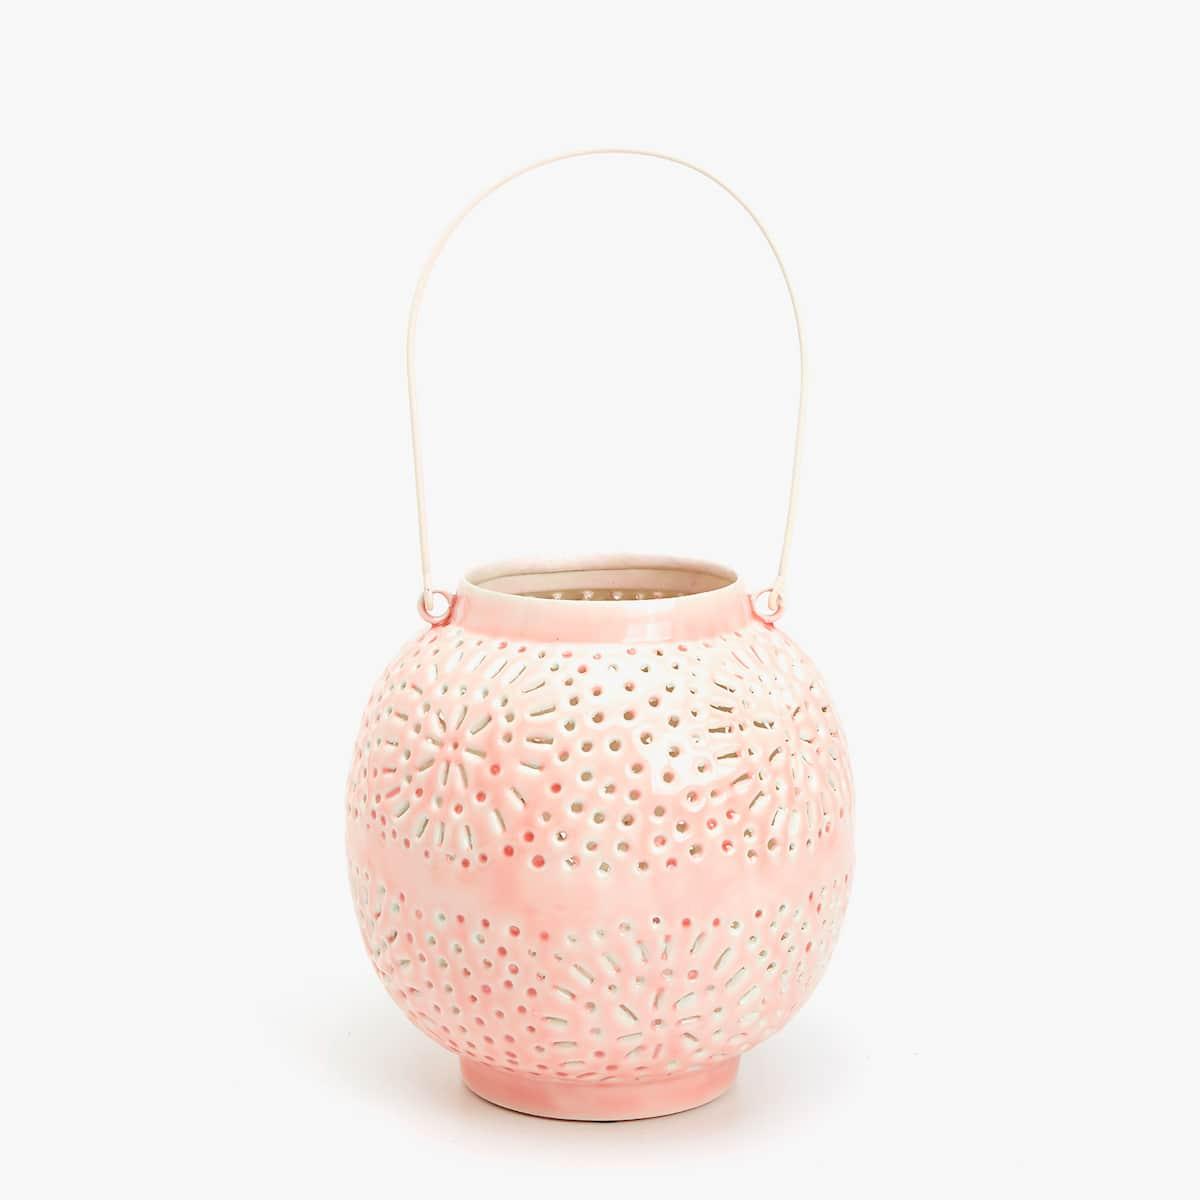 Afbeelding 1 van het product Roze geëmailleerde lantaarn